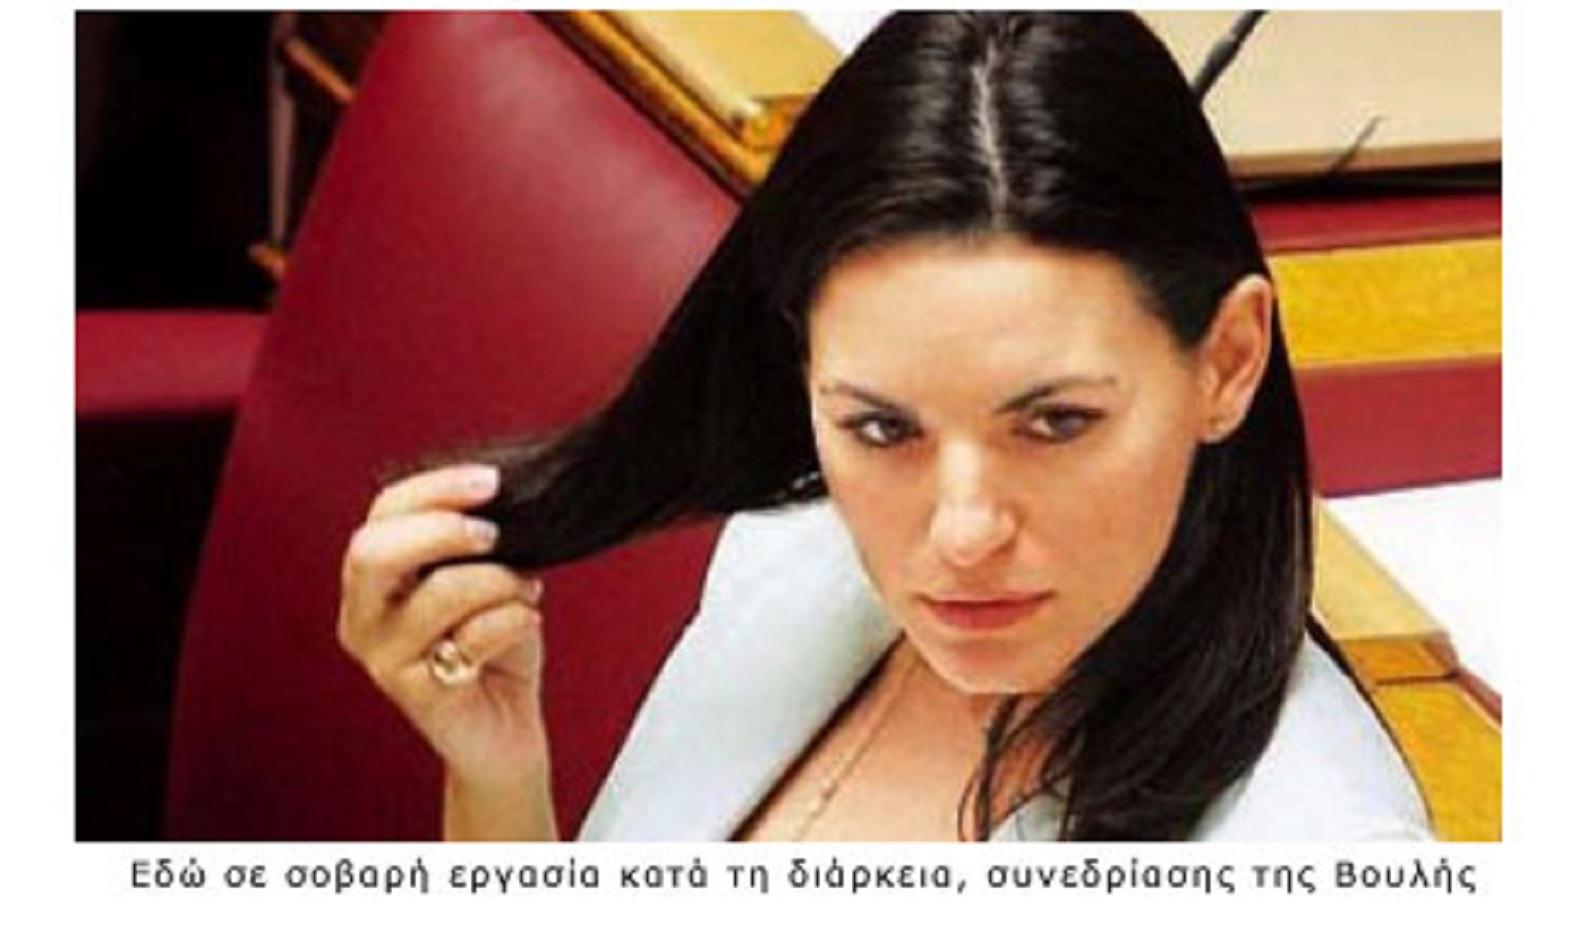 Ἡ Κεφαλογιάννη δηλώνει ἐπισήμως πὼς θὰ μᾶς στείλῃ γιὰ σφαγή, ὅπως ἔκανε ὁ Βενιζέλος!2